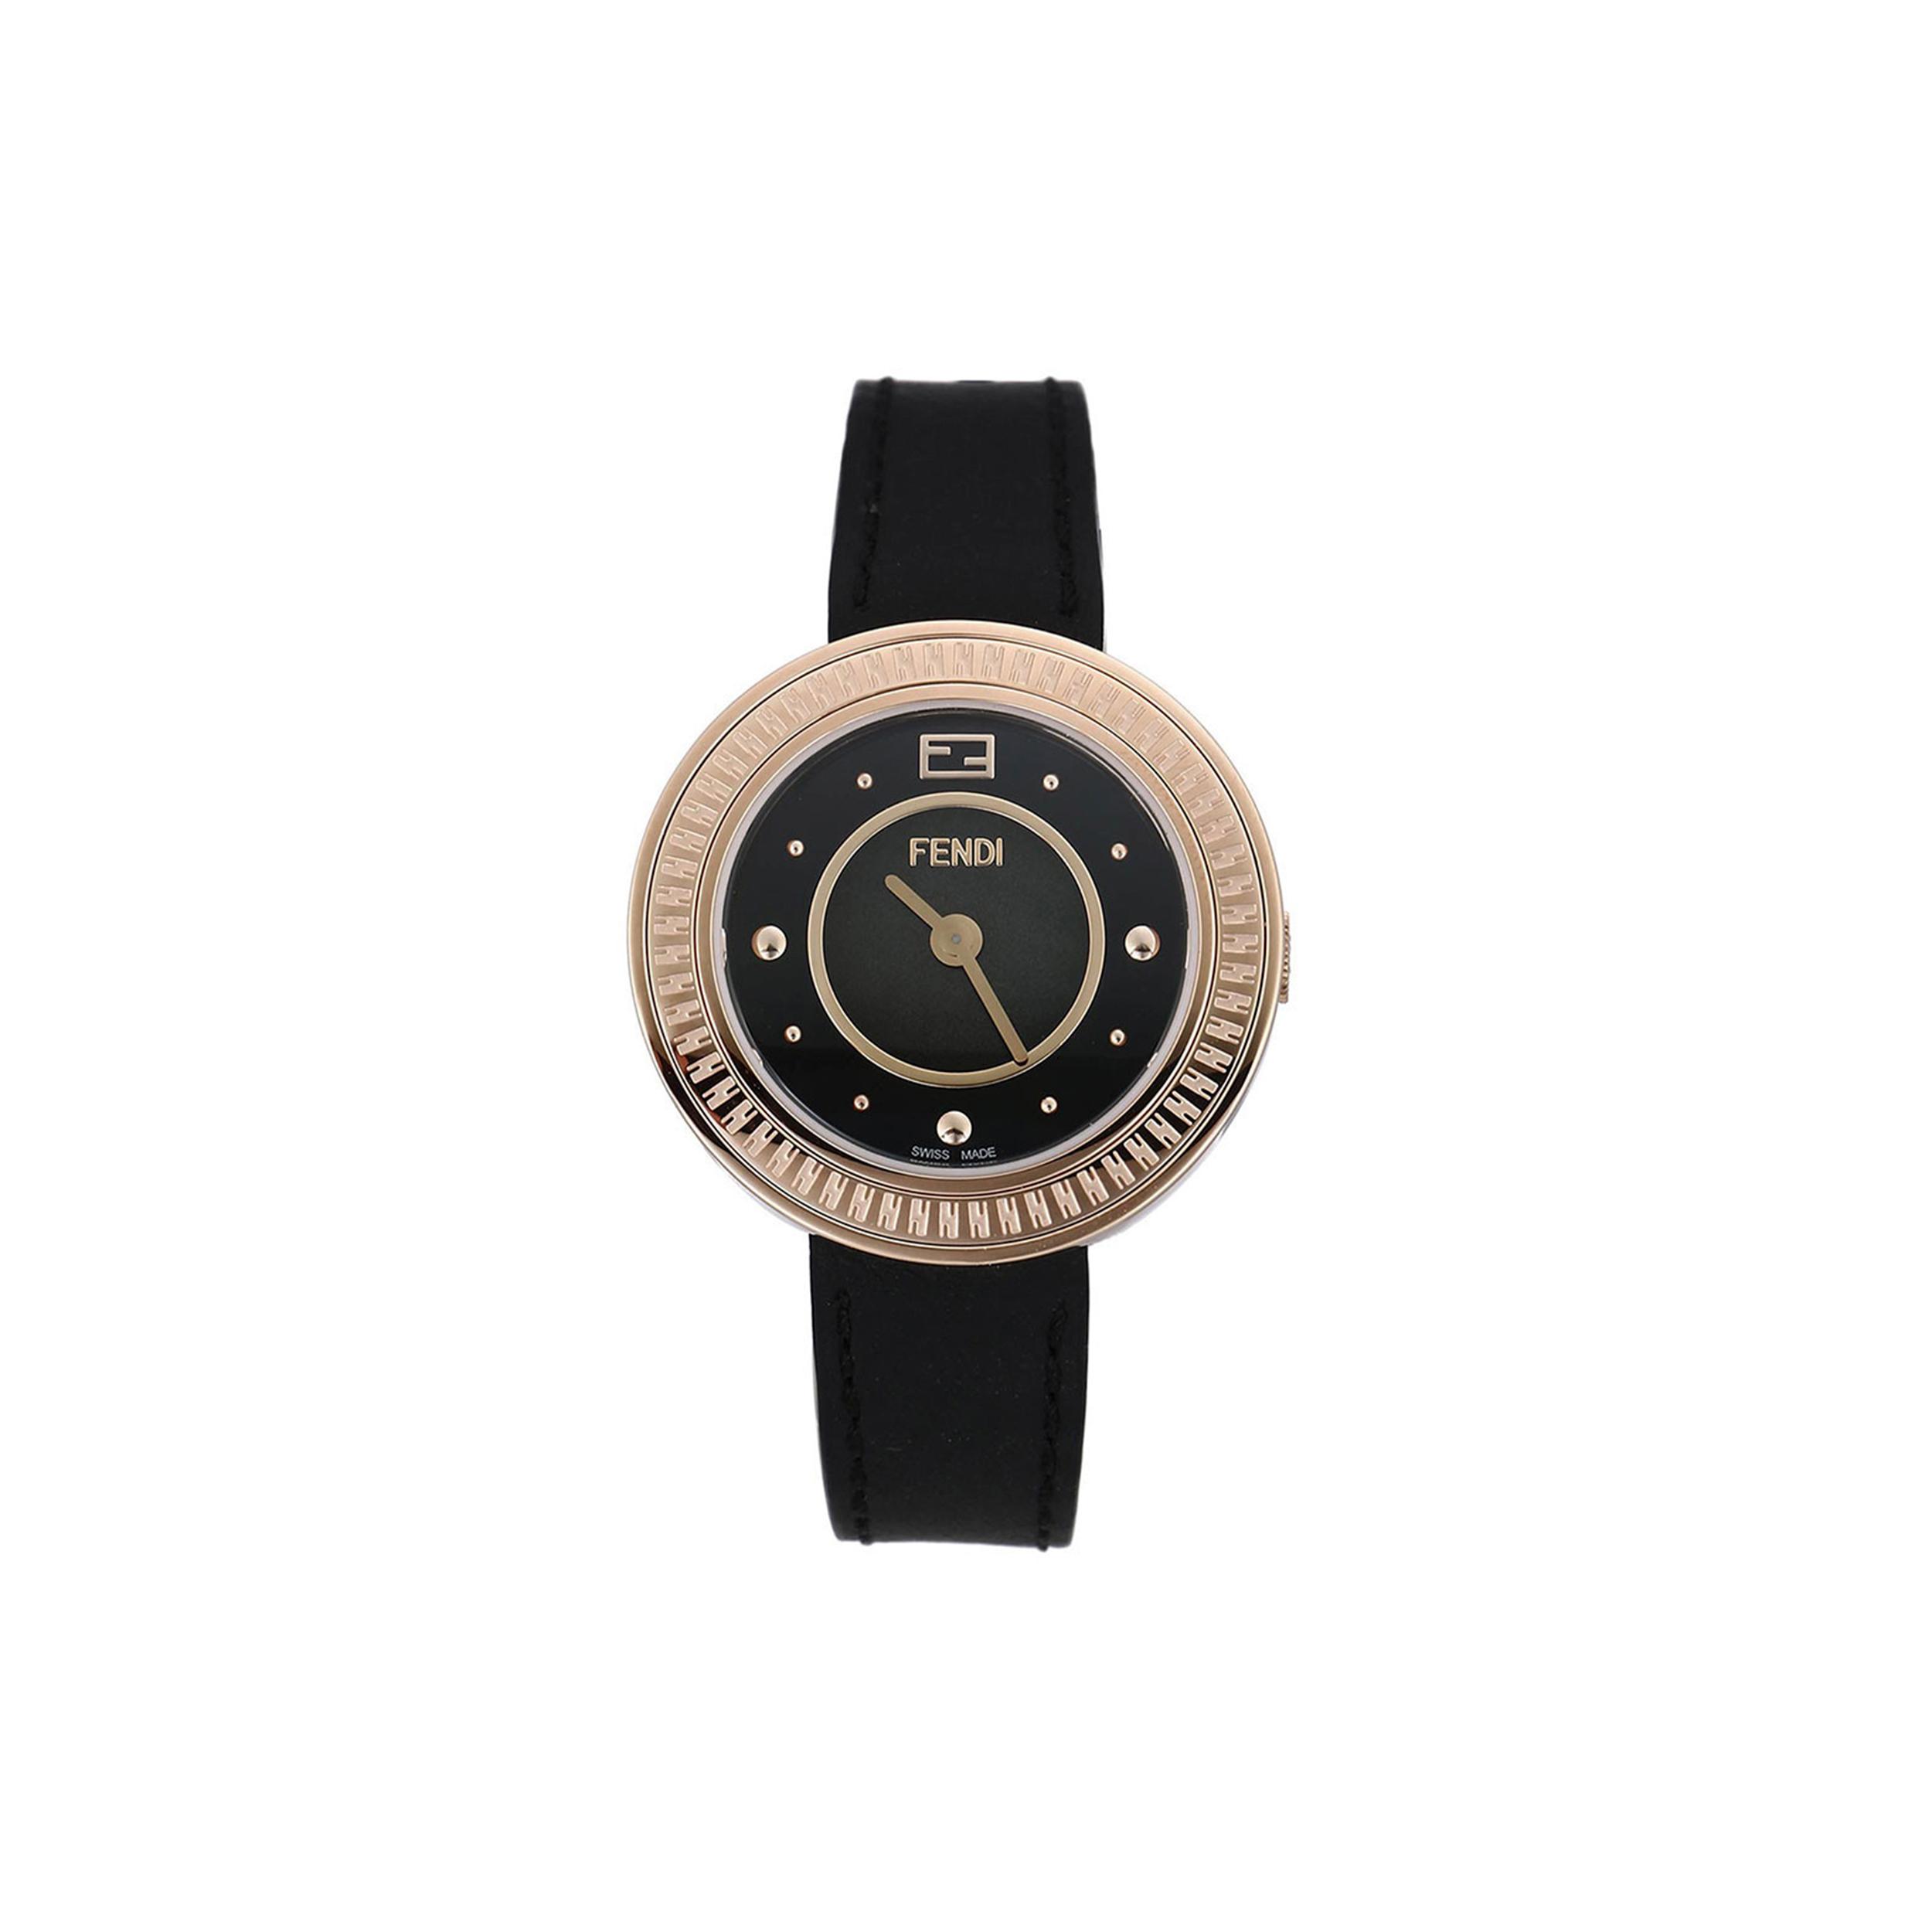 خرید ساعت مچی عقربه ای زنانه فندی مدل F370521511